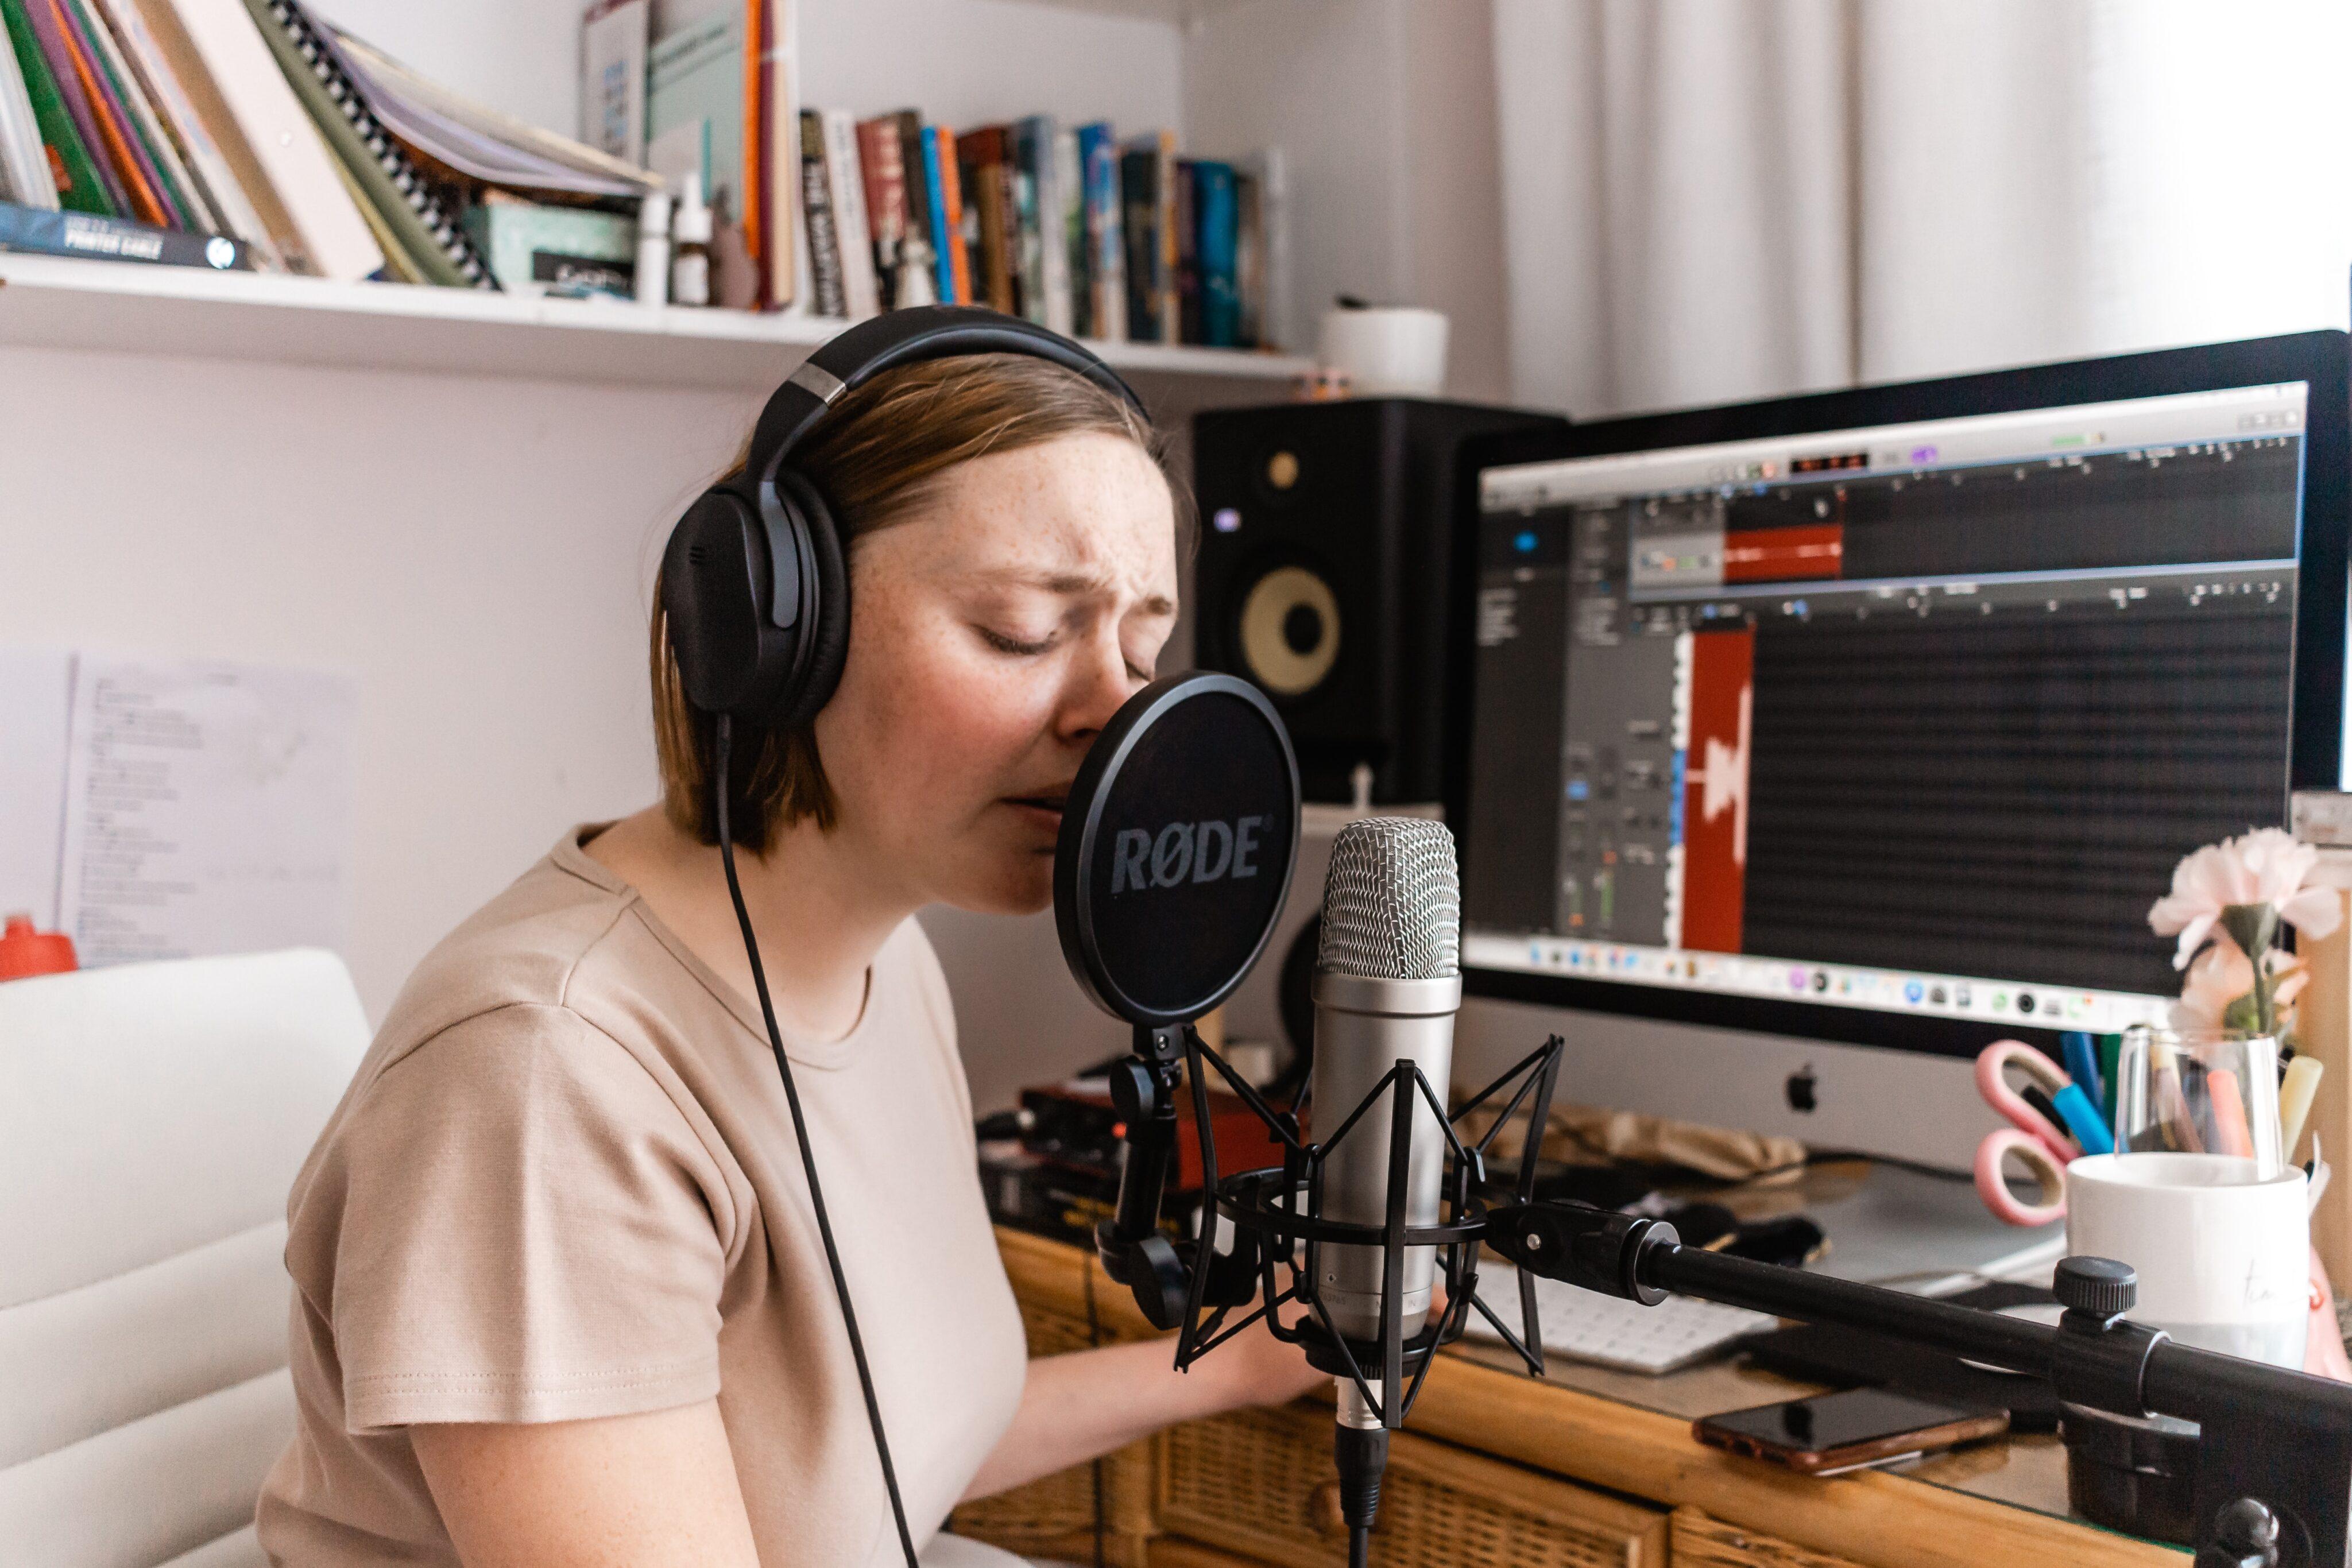 Mulher usando um iMac, um microfone e fones